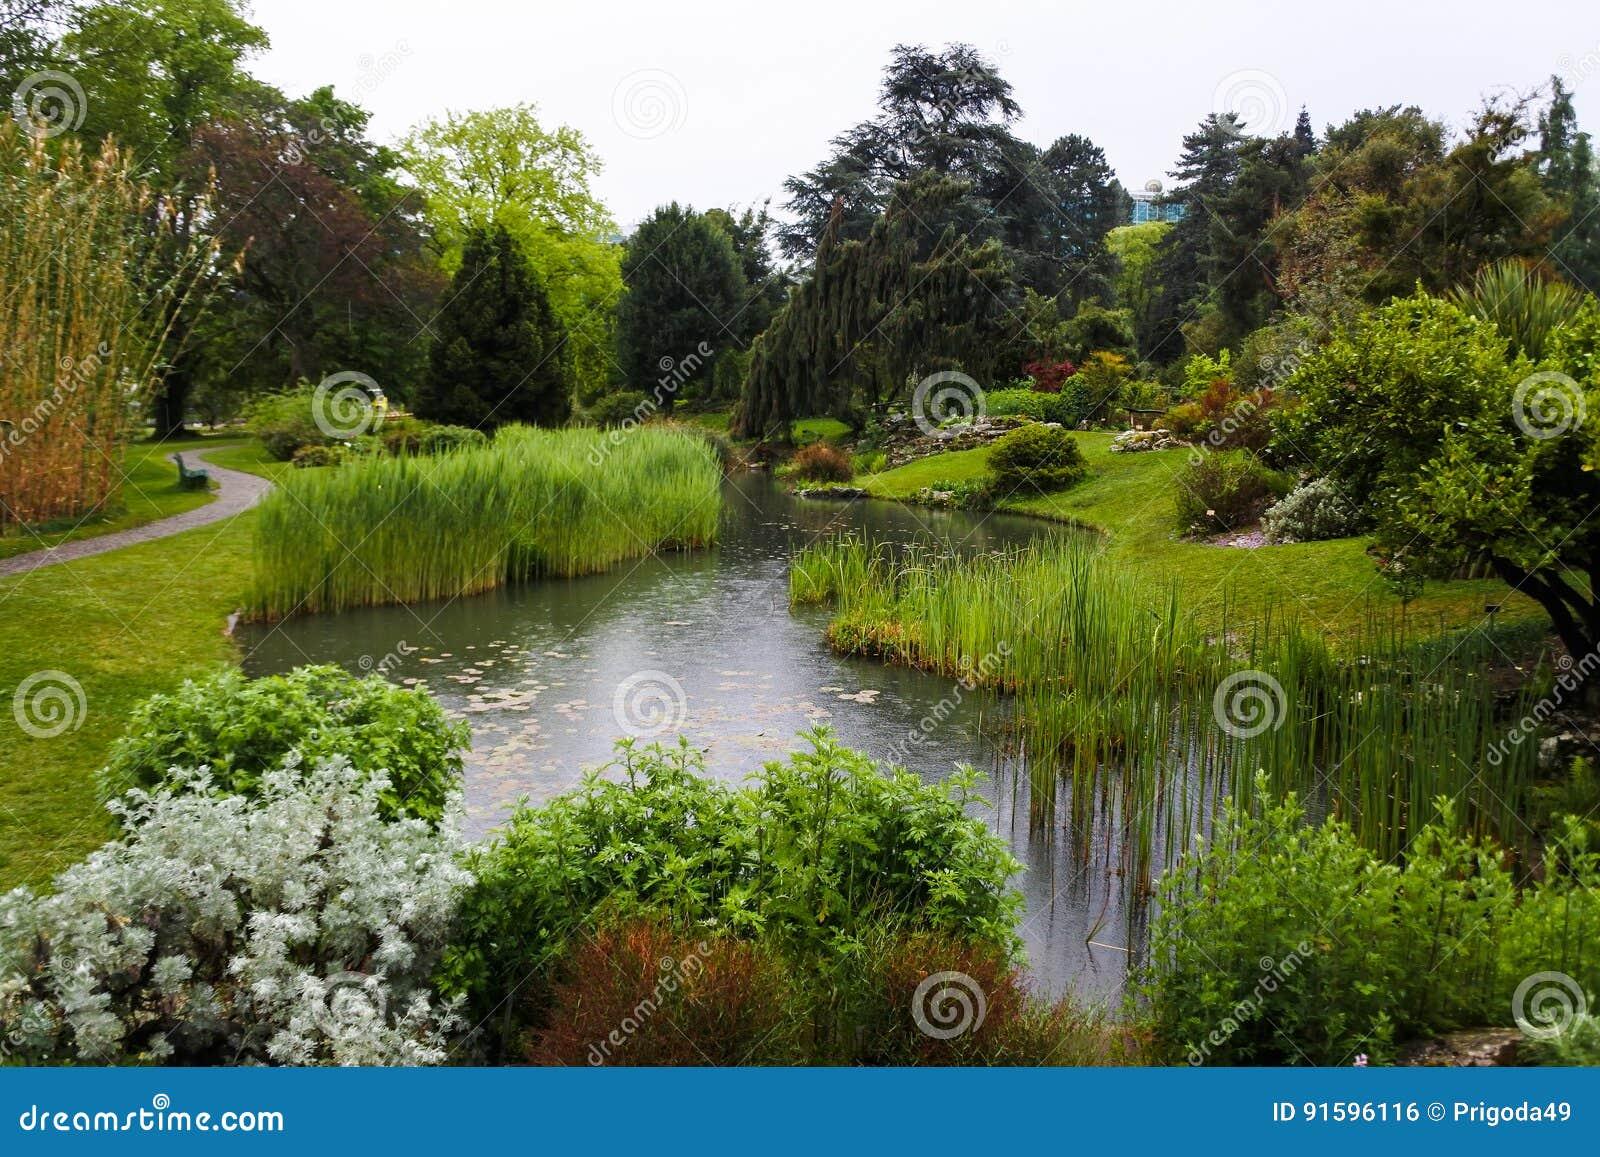 Usines Dans Un Jardin Botanique A Geneve Photo Stock Image Du